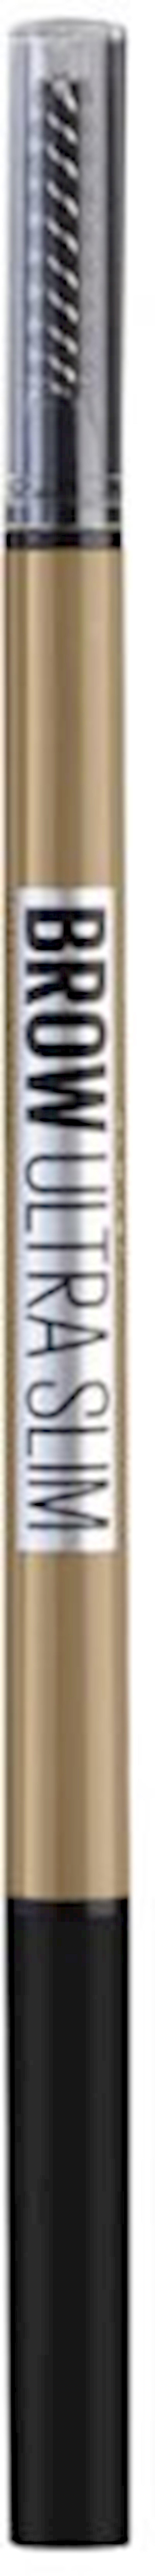 Qaş qələmi Maybelline New York Brow Ultra Slim 1 Bej, 0.15 q